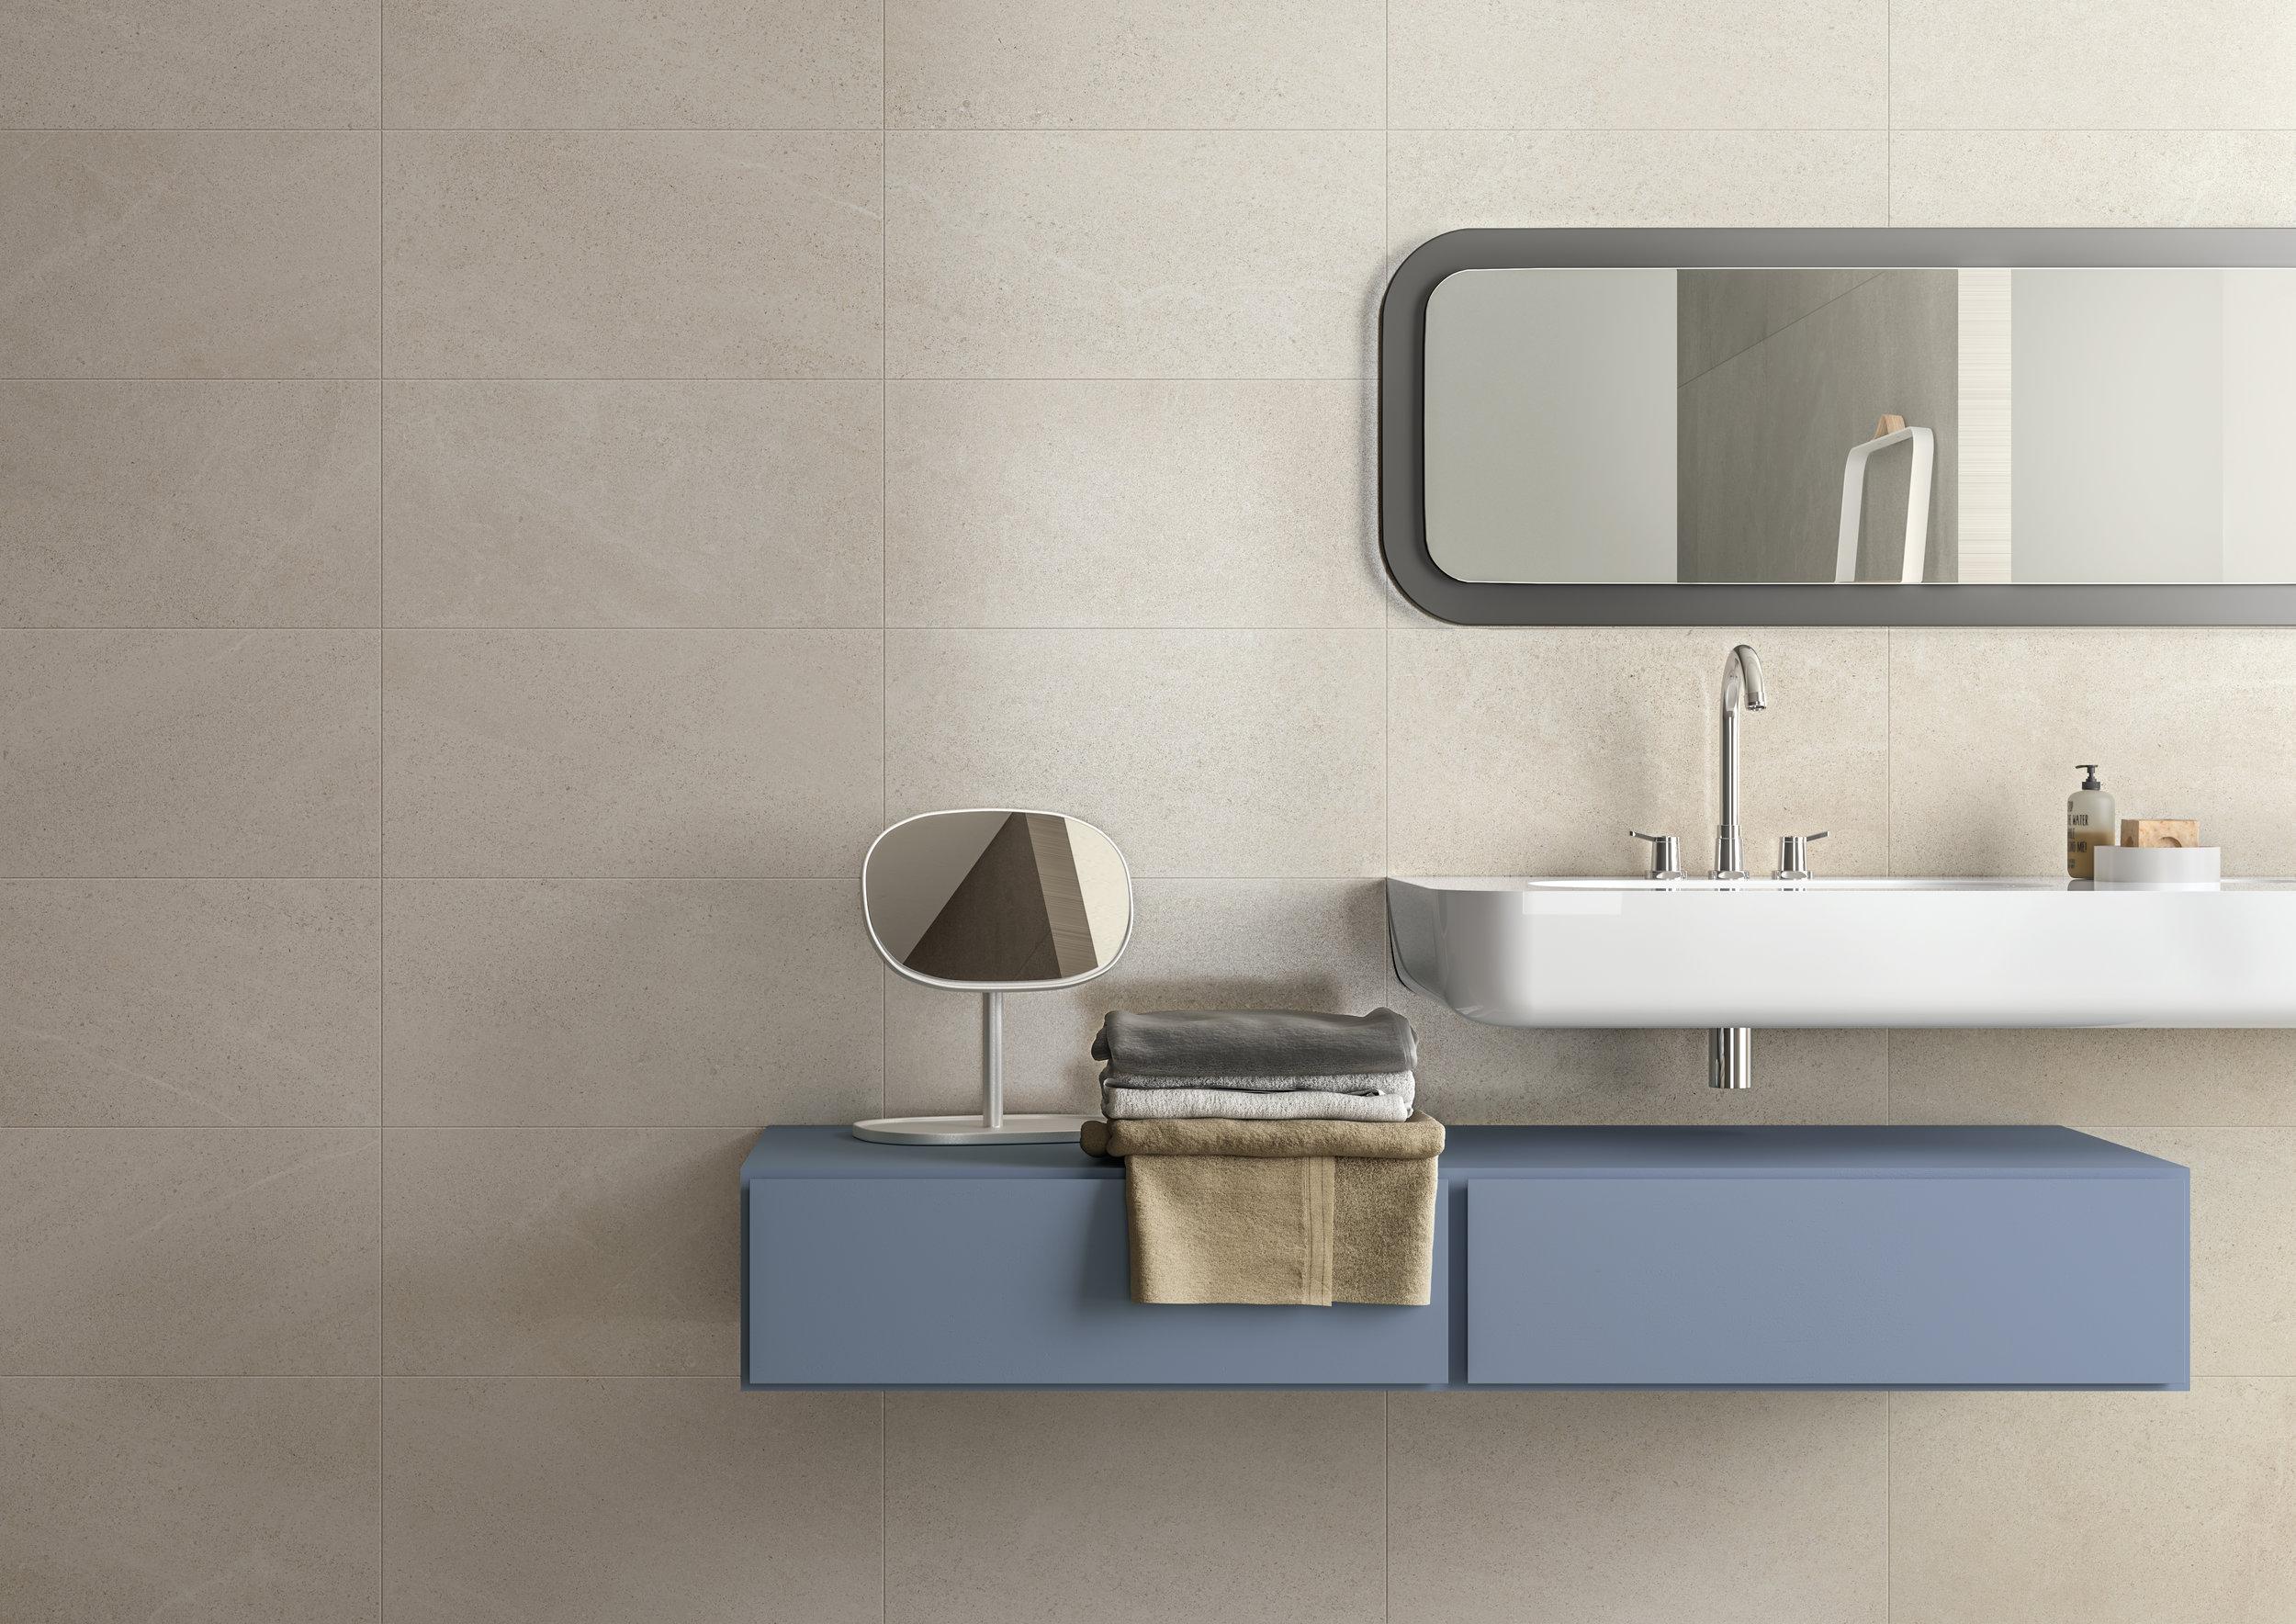 BLU-yosemite-lake-lappata-10mm-bathroom-001.jpg